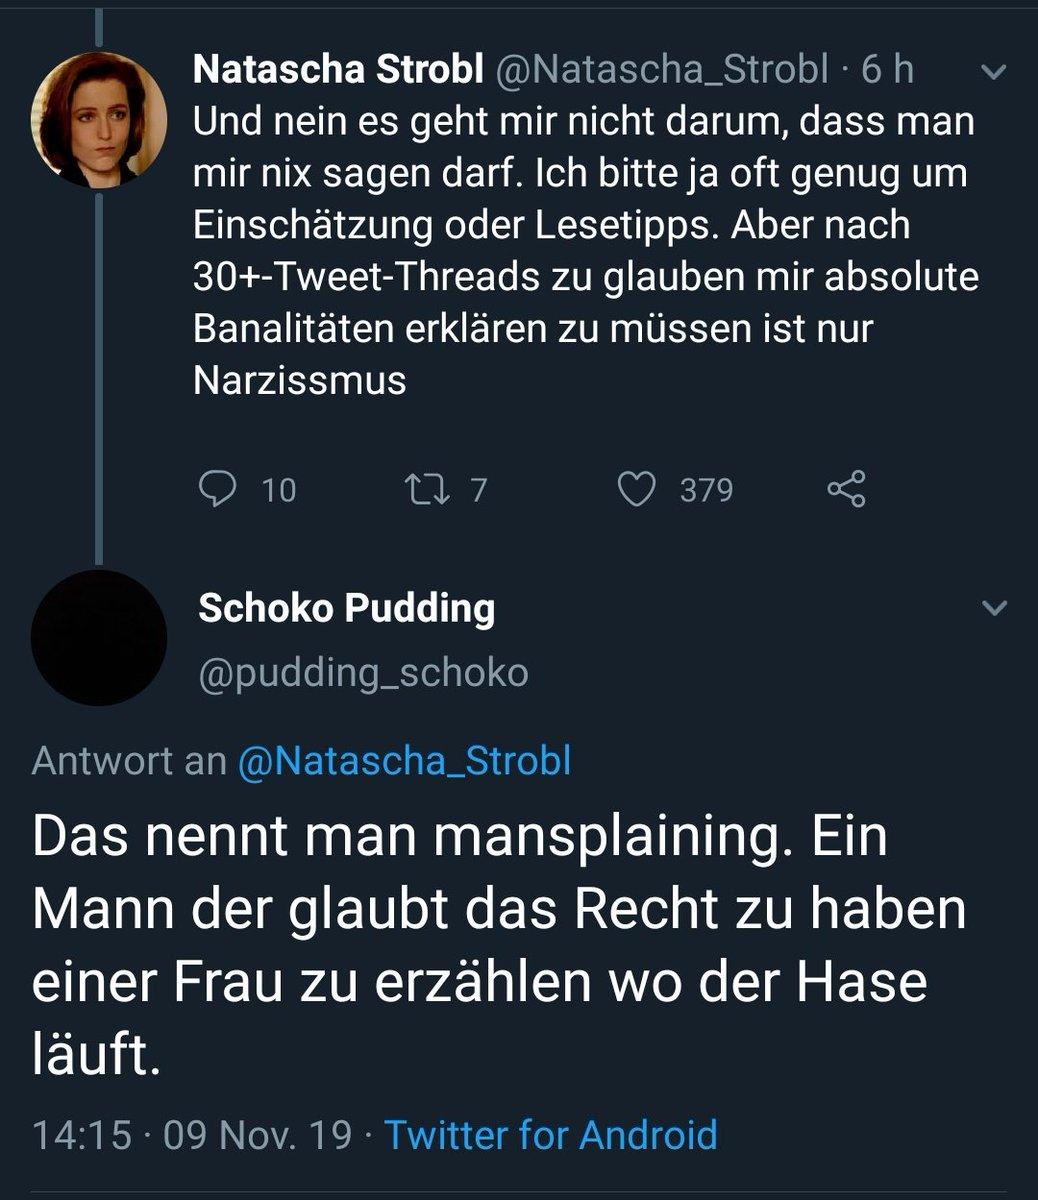 Natascha Strobl on Twitter: Anna wird gestalkt und ihre